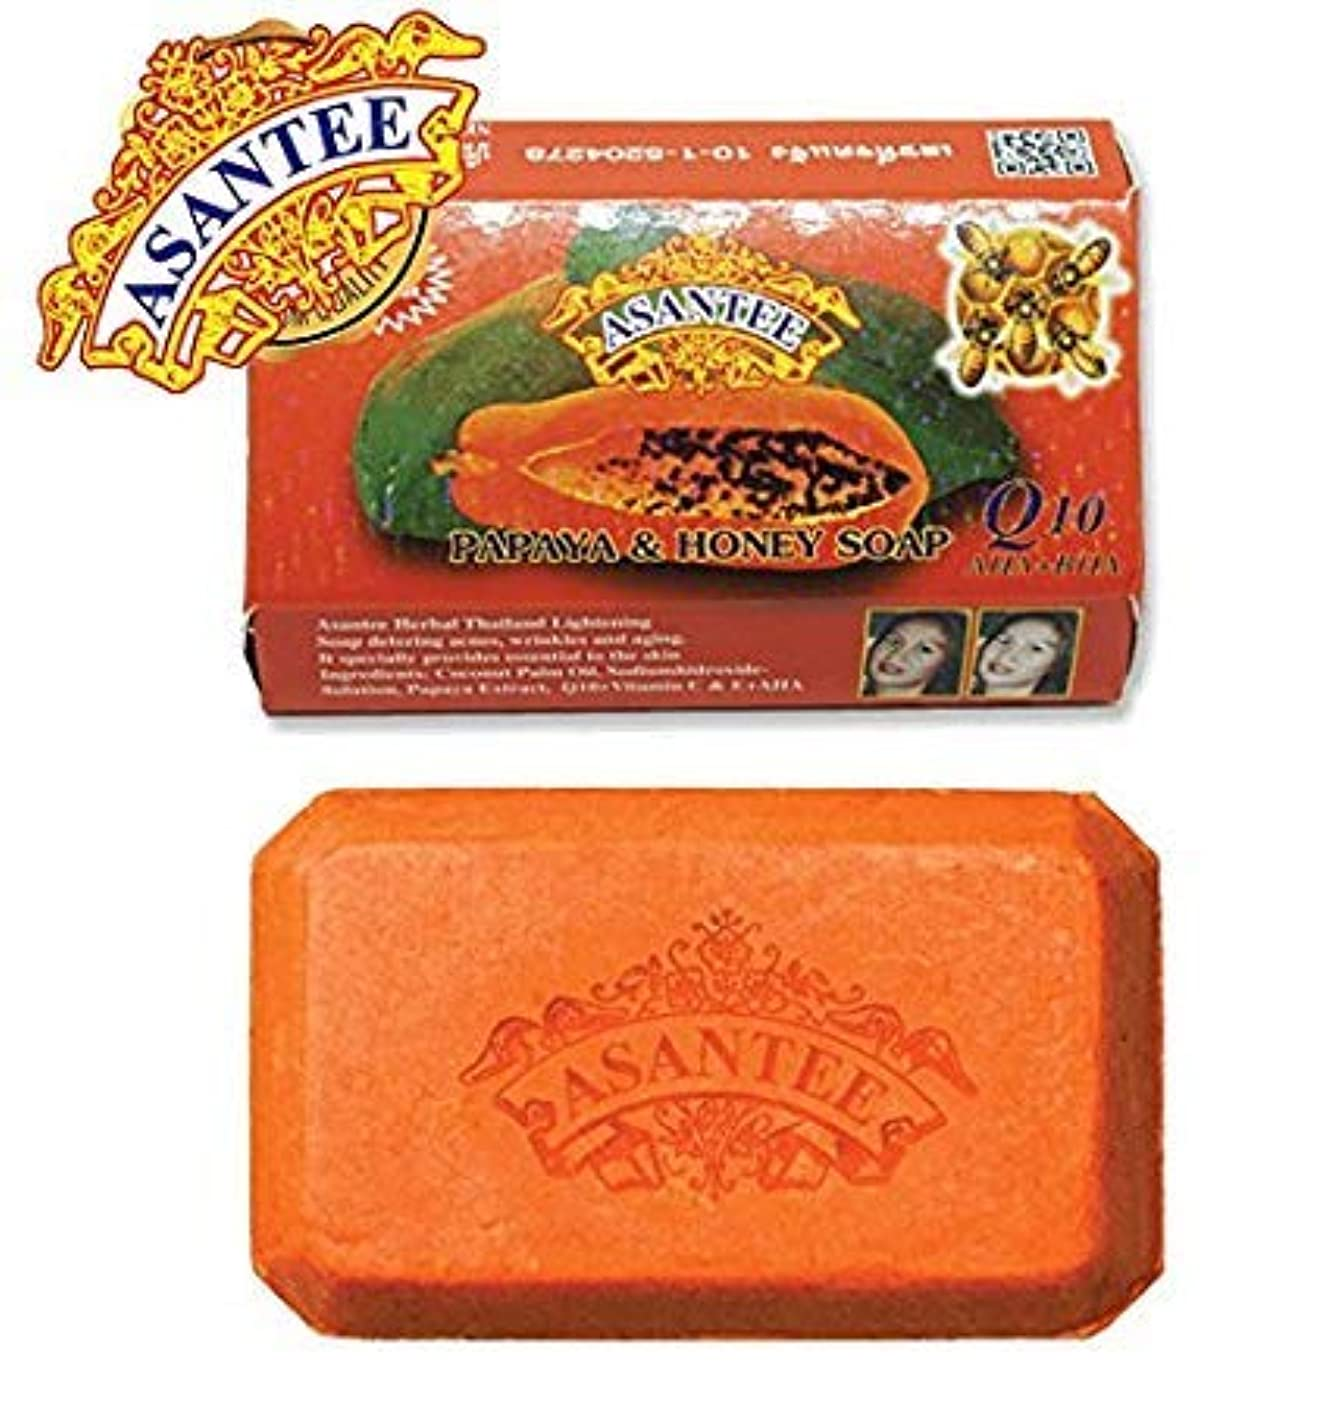 コンパニオンデザートトマトAsantee Thai Papaya Herbal Skin Whitening Soap 135g (1 pcs)